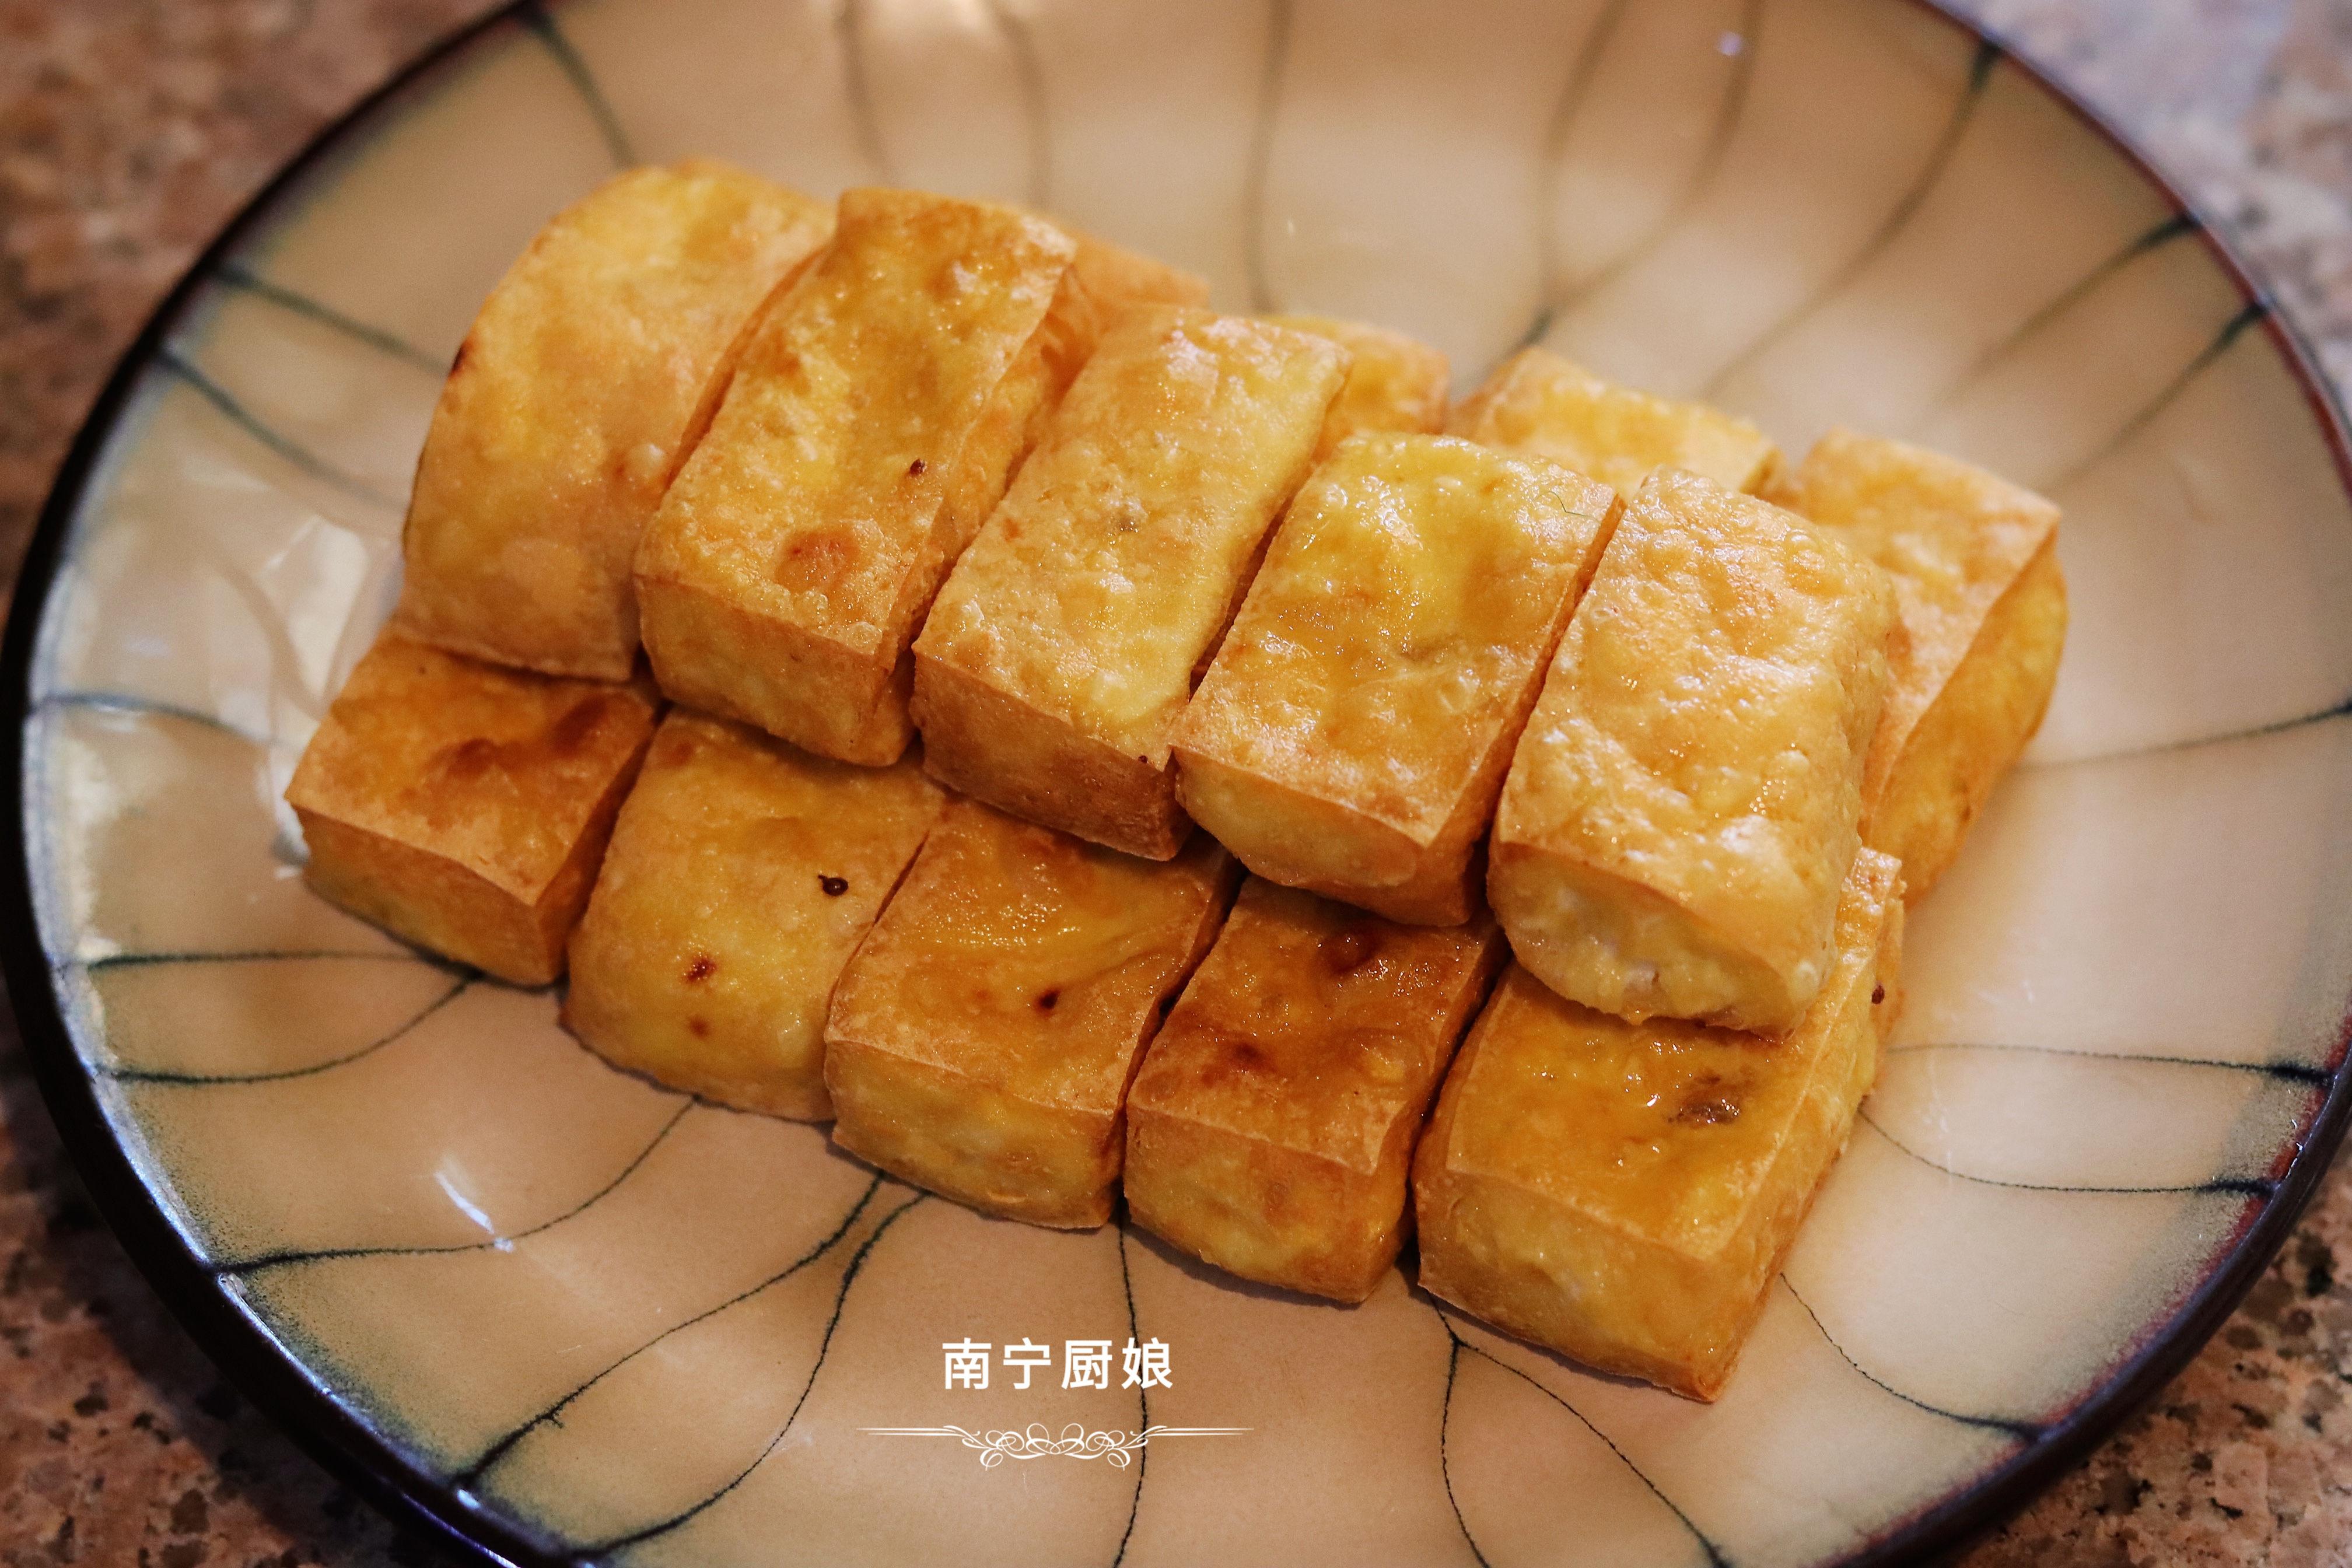 豆腐炸一炸,再和大蔥拌一拌,沒想到這麼好吃,上桌驚艷了全家人